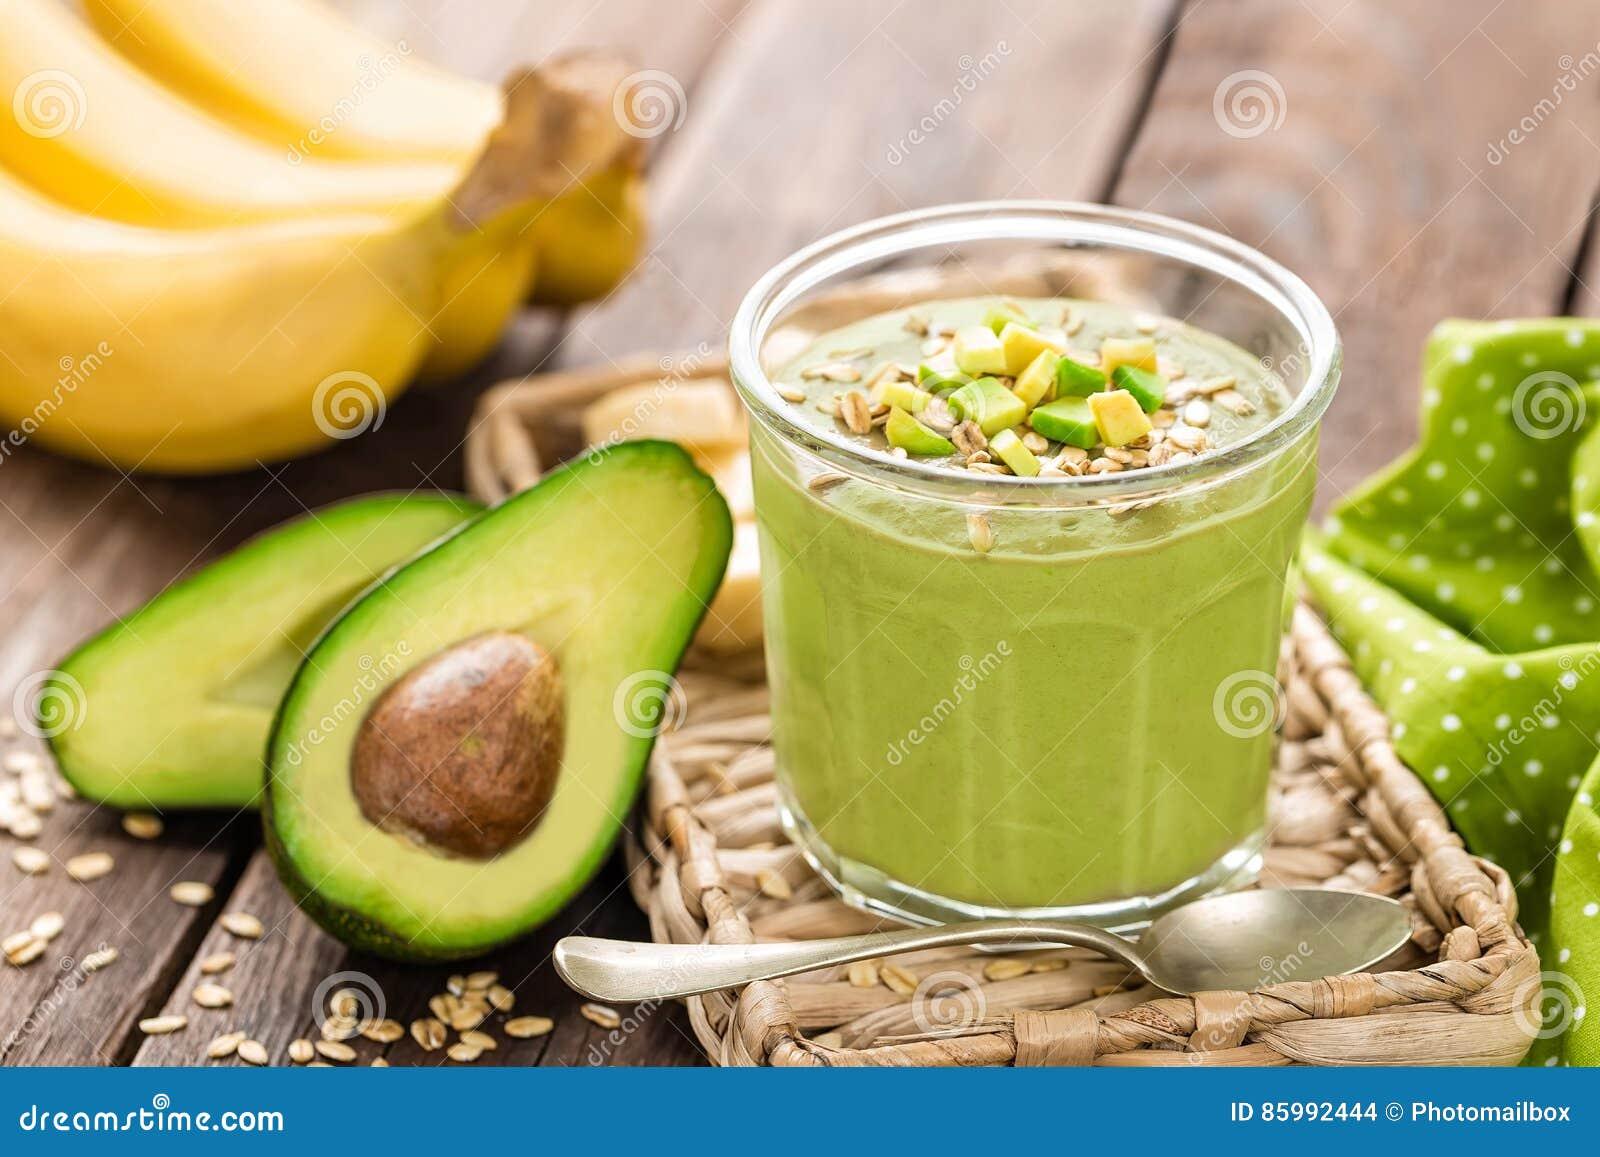 Avocado en banaan smoothie met haver met ingrediënten in glaskruik op houten achtergrond